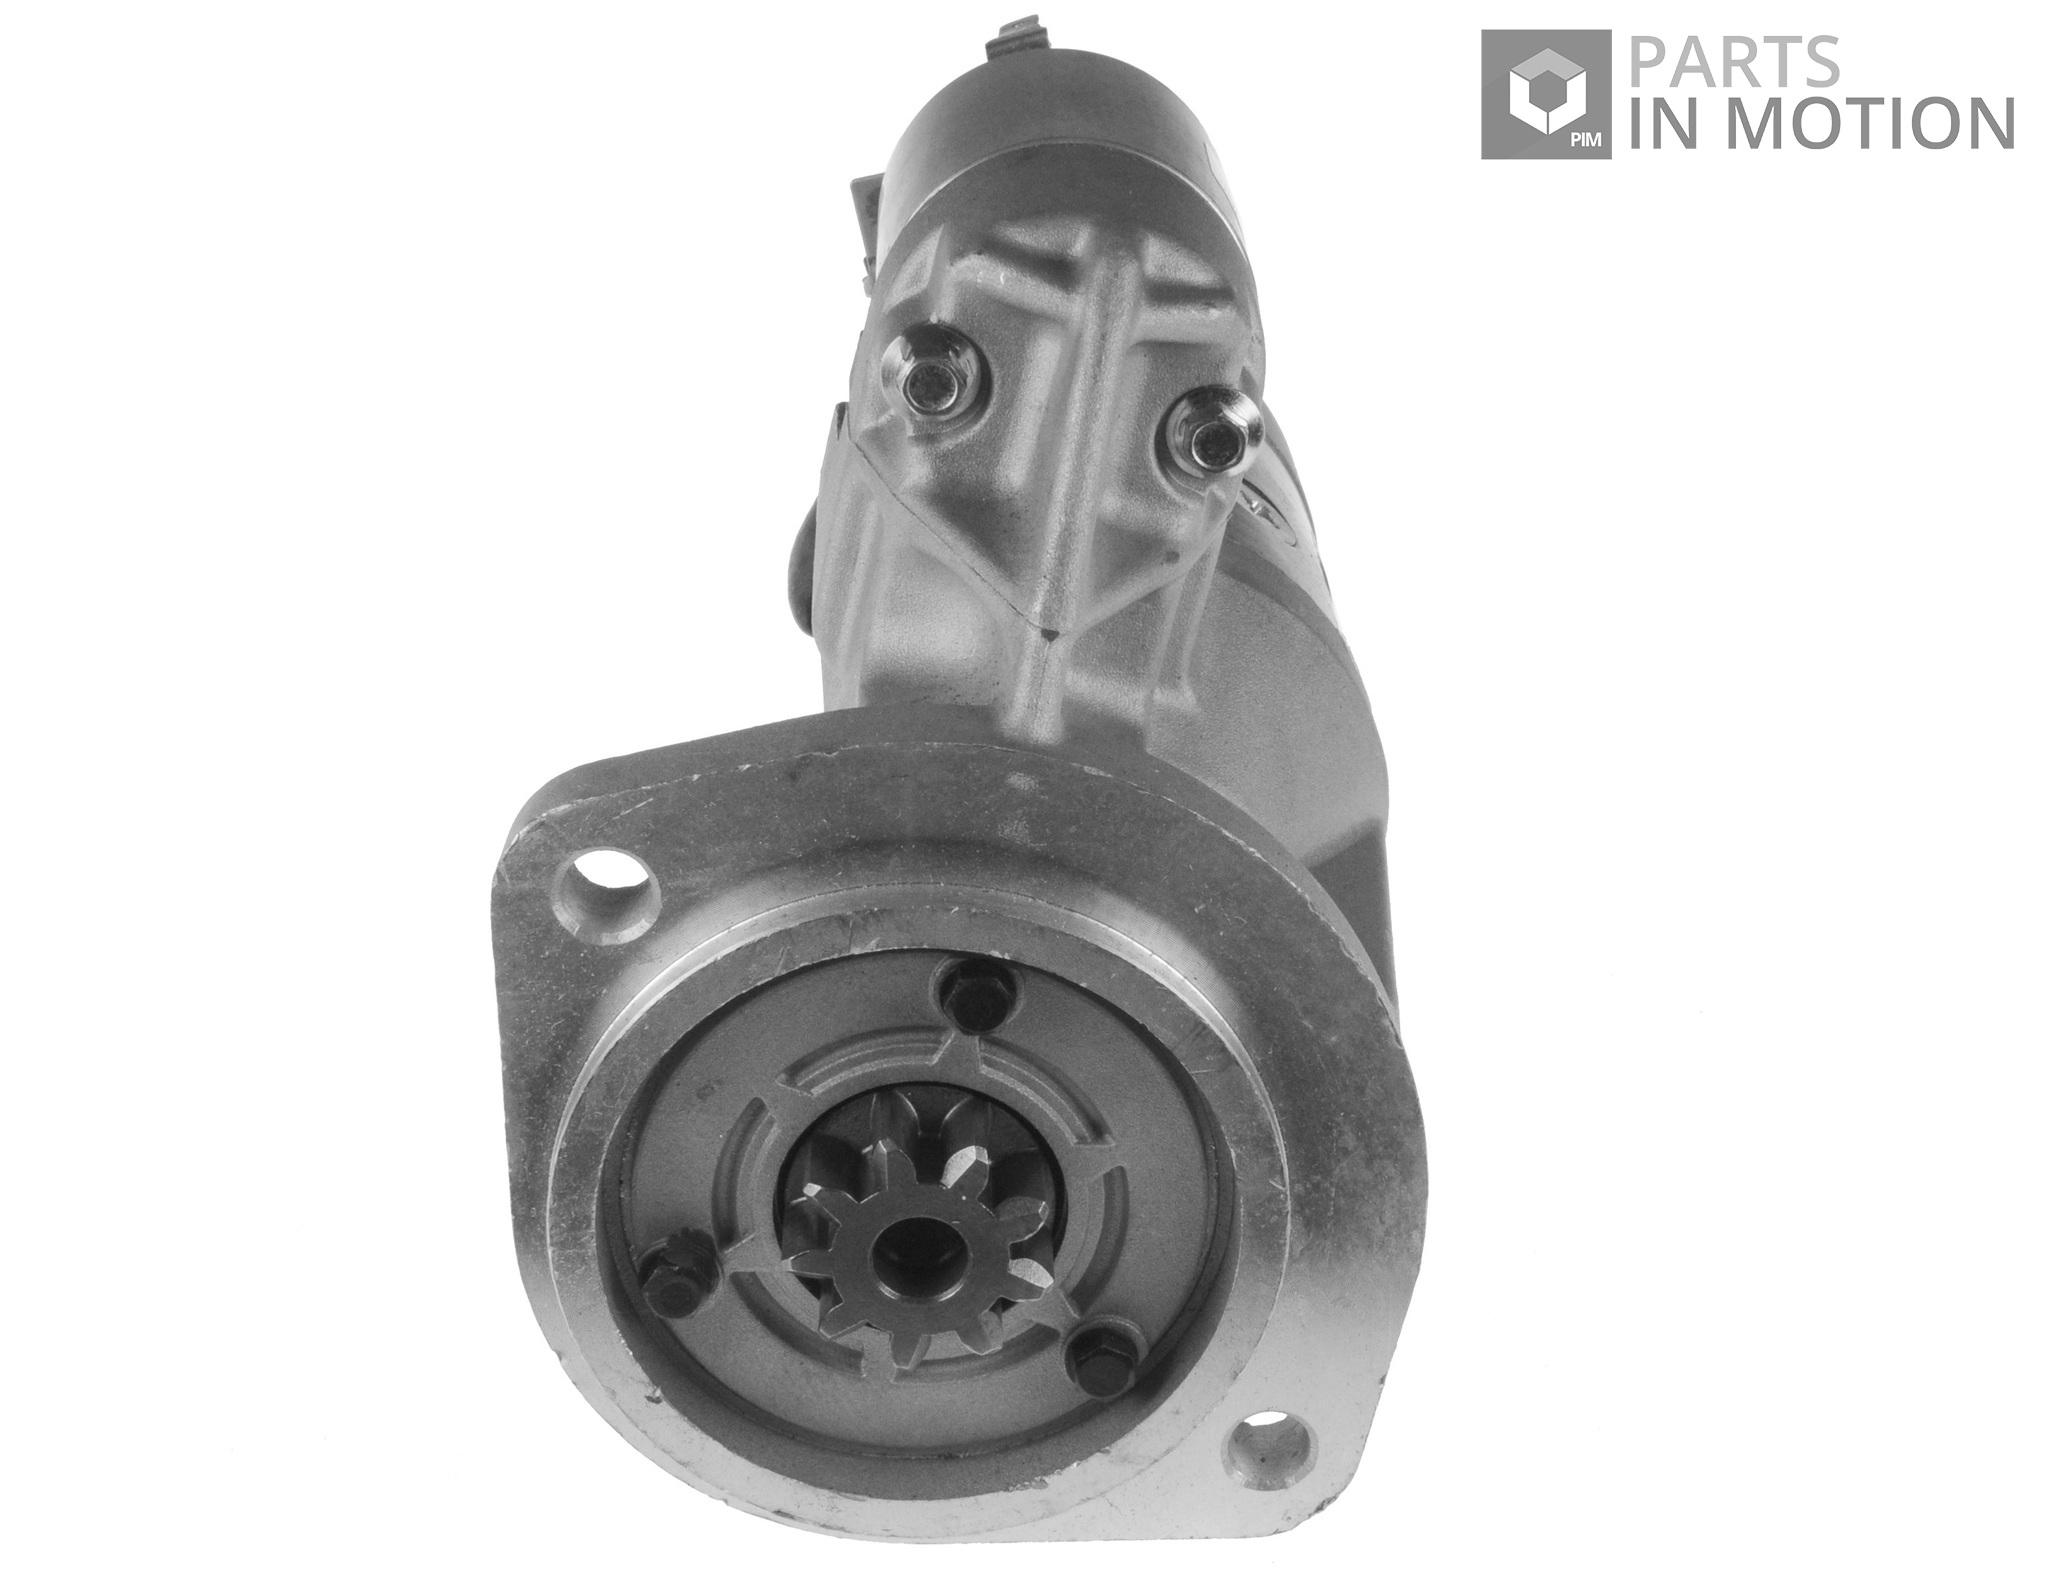 Starter Motor fits NISSAN URVAN E24 2.5D 88 to 97 TD25 ADL ...